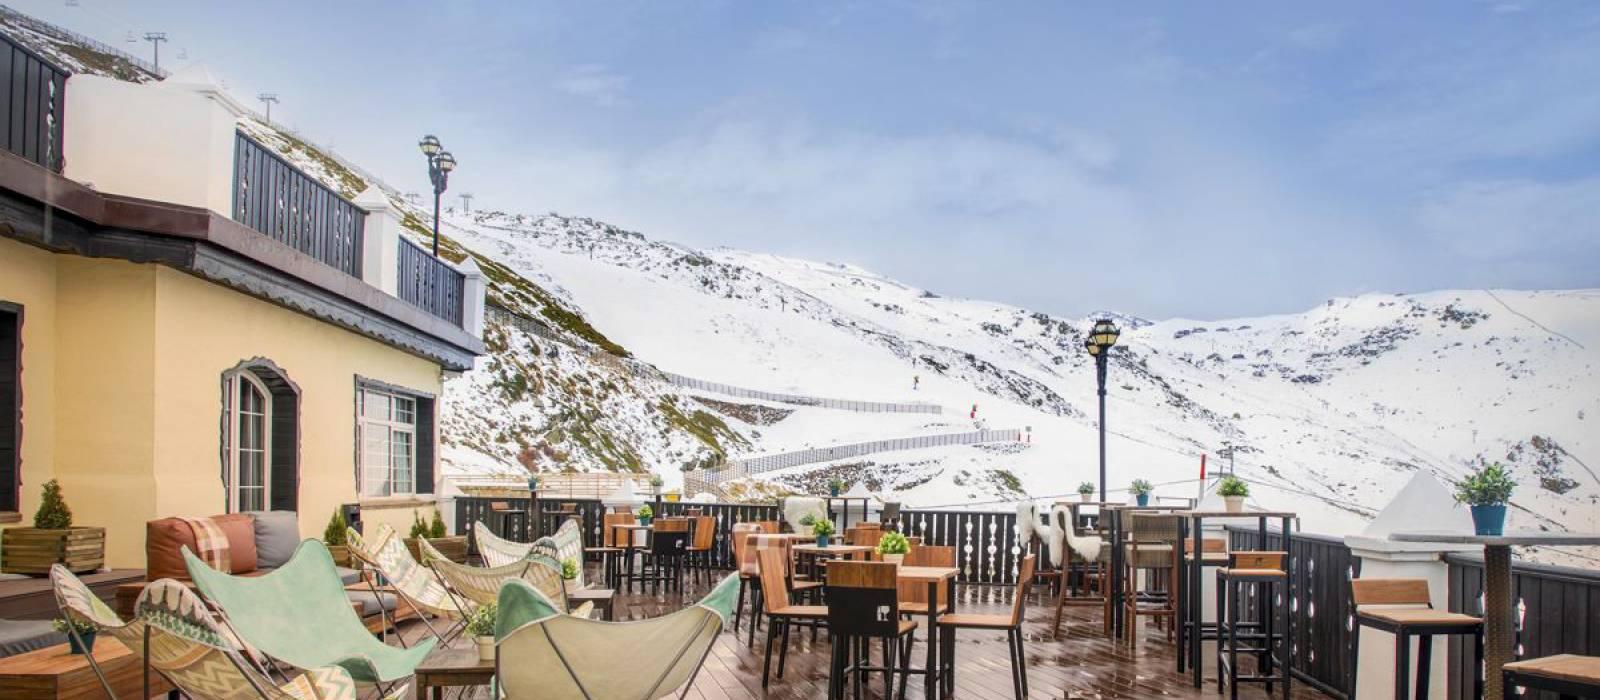 Oferta -10% y 4 noches Hotel Vincci Rumaykiyya Sierra Nevada